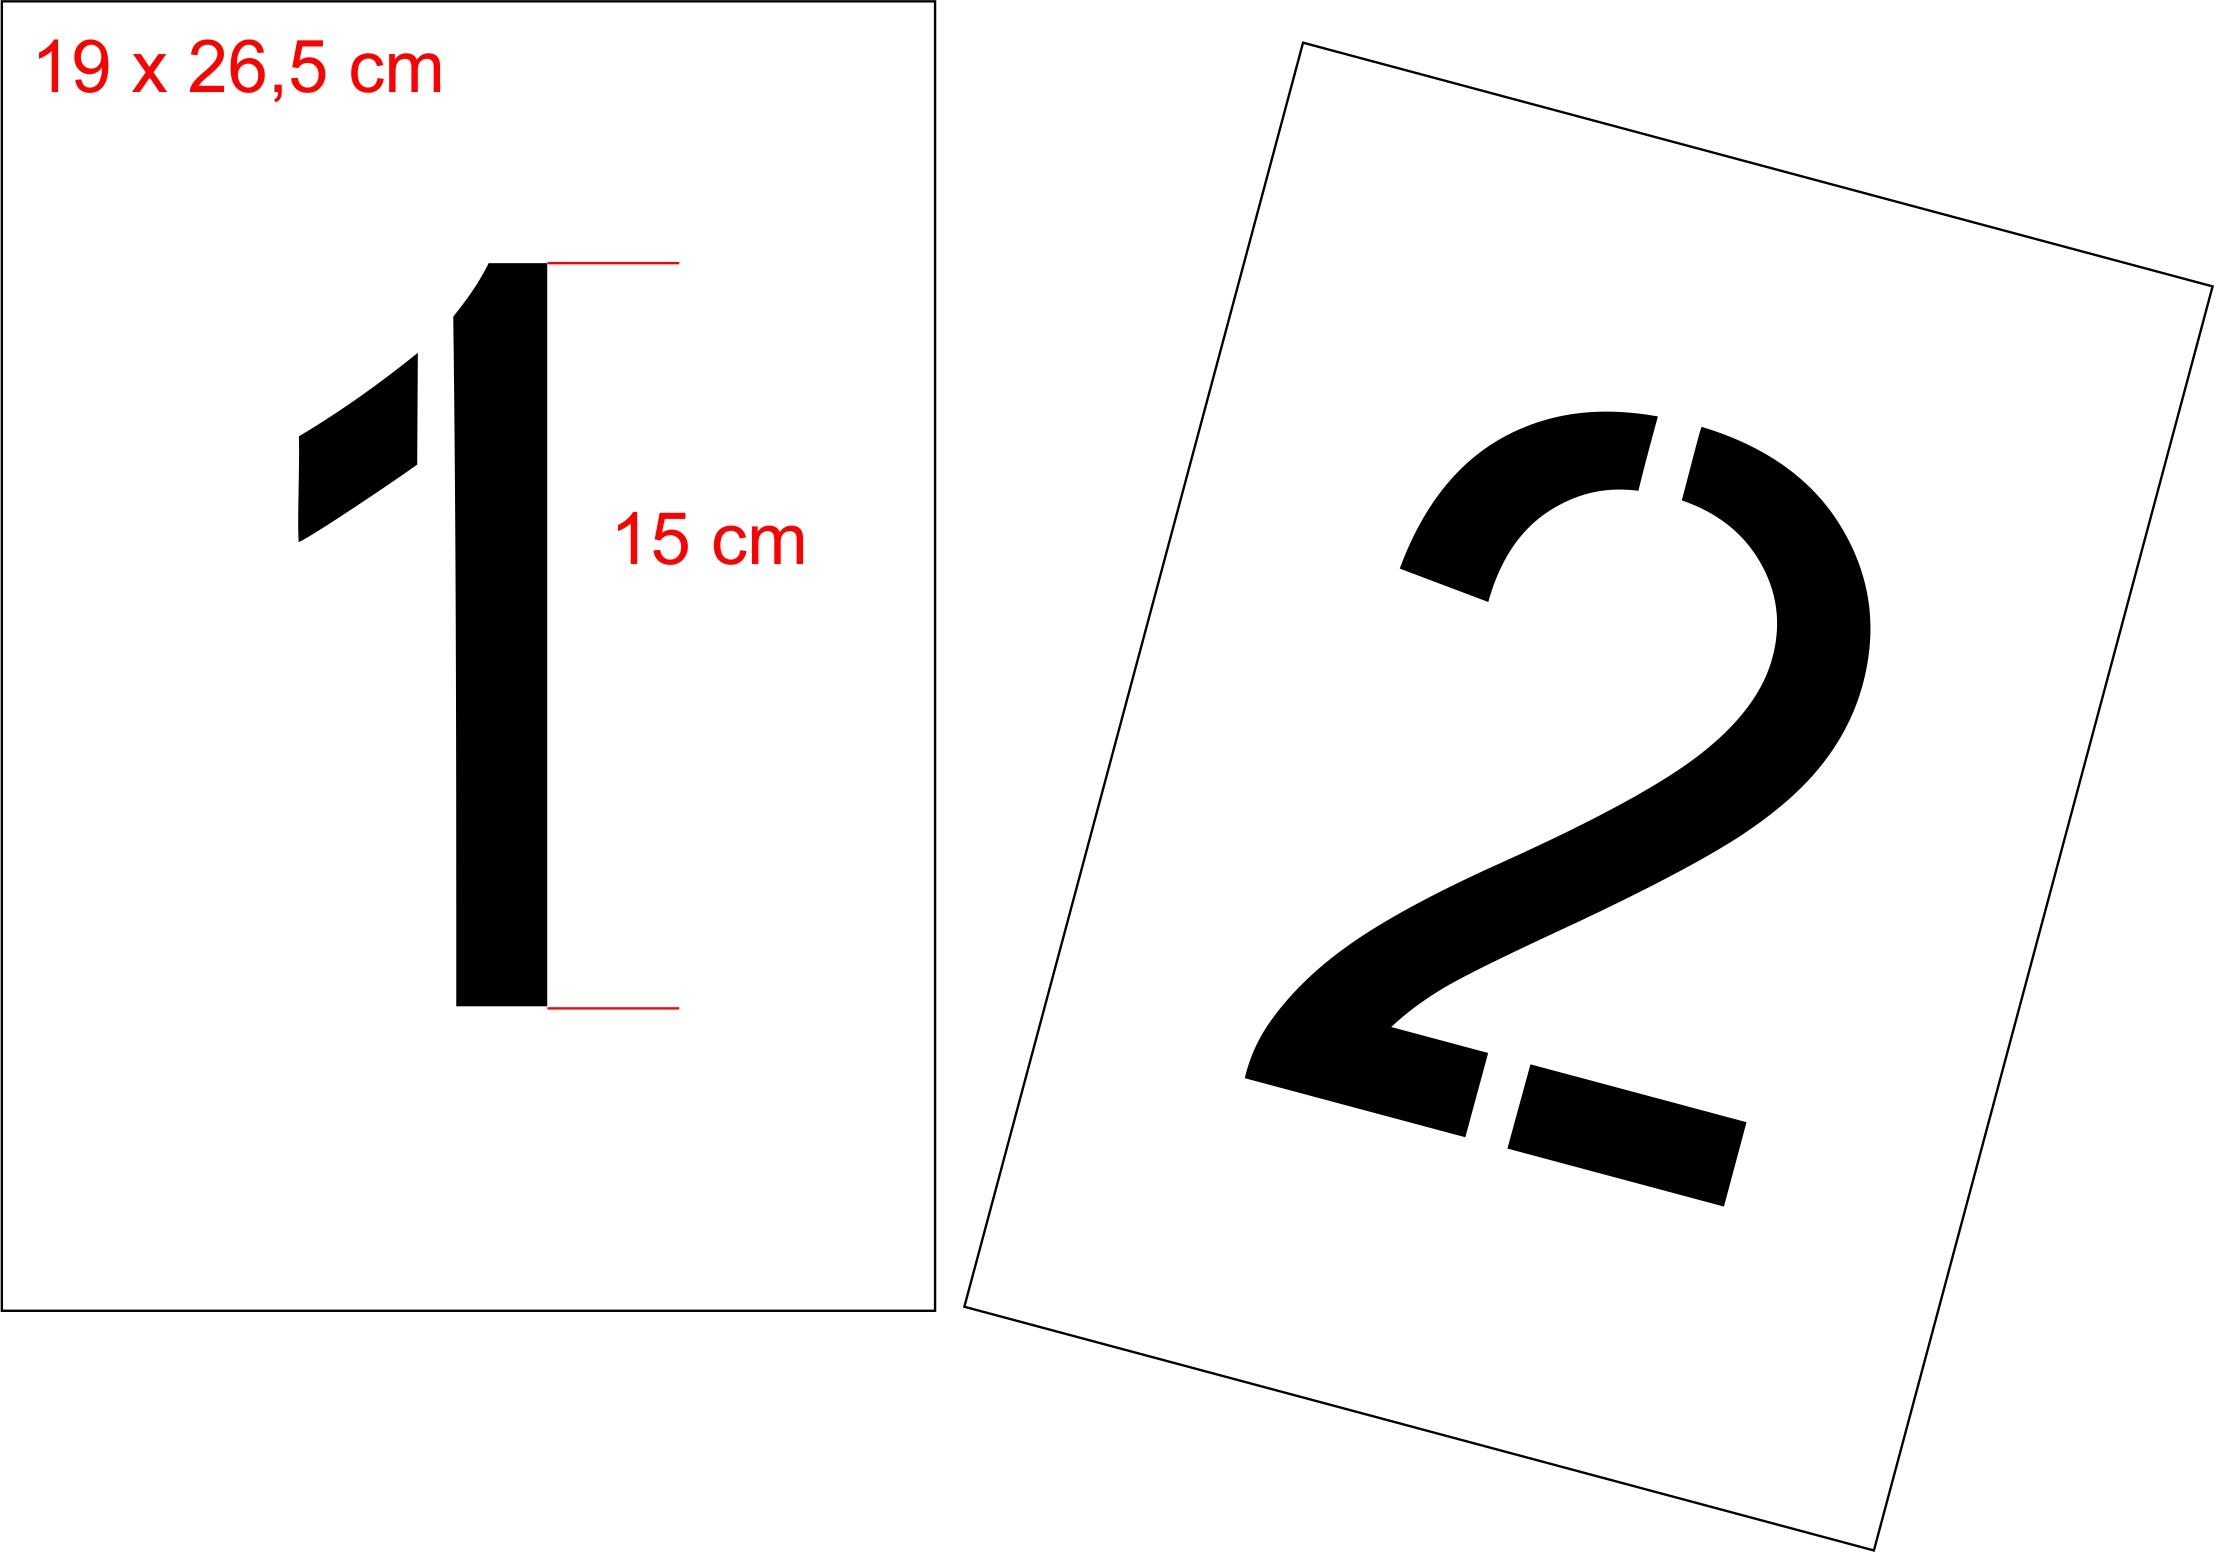 Szablon Malarski Cyfry 0 9 Wys 15 Cm 7033811653 Oficjalne